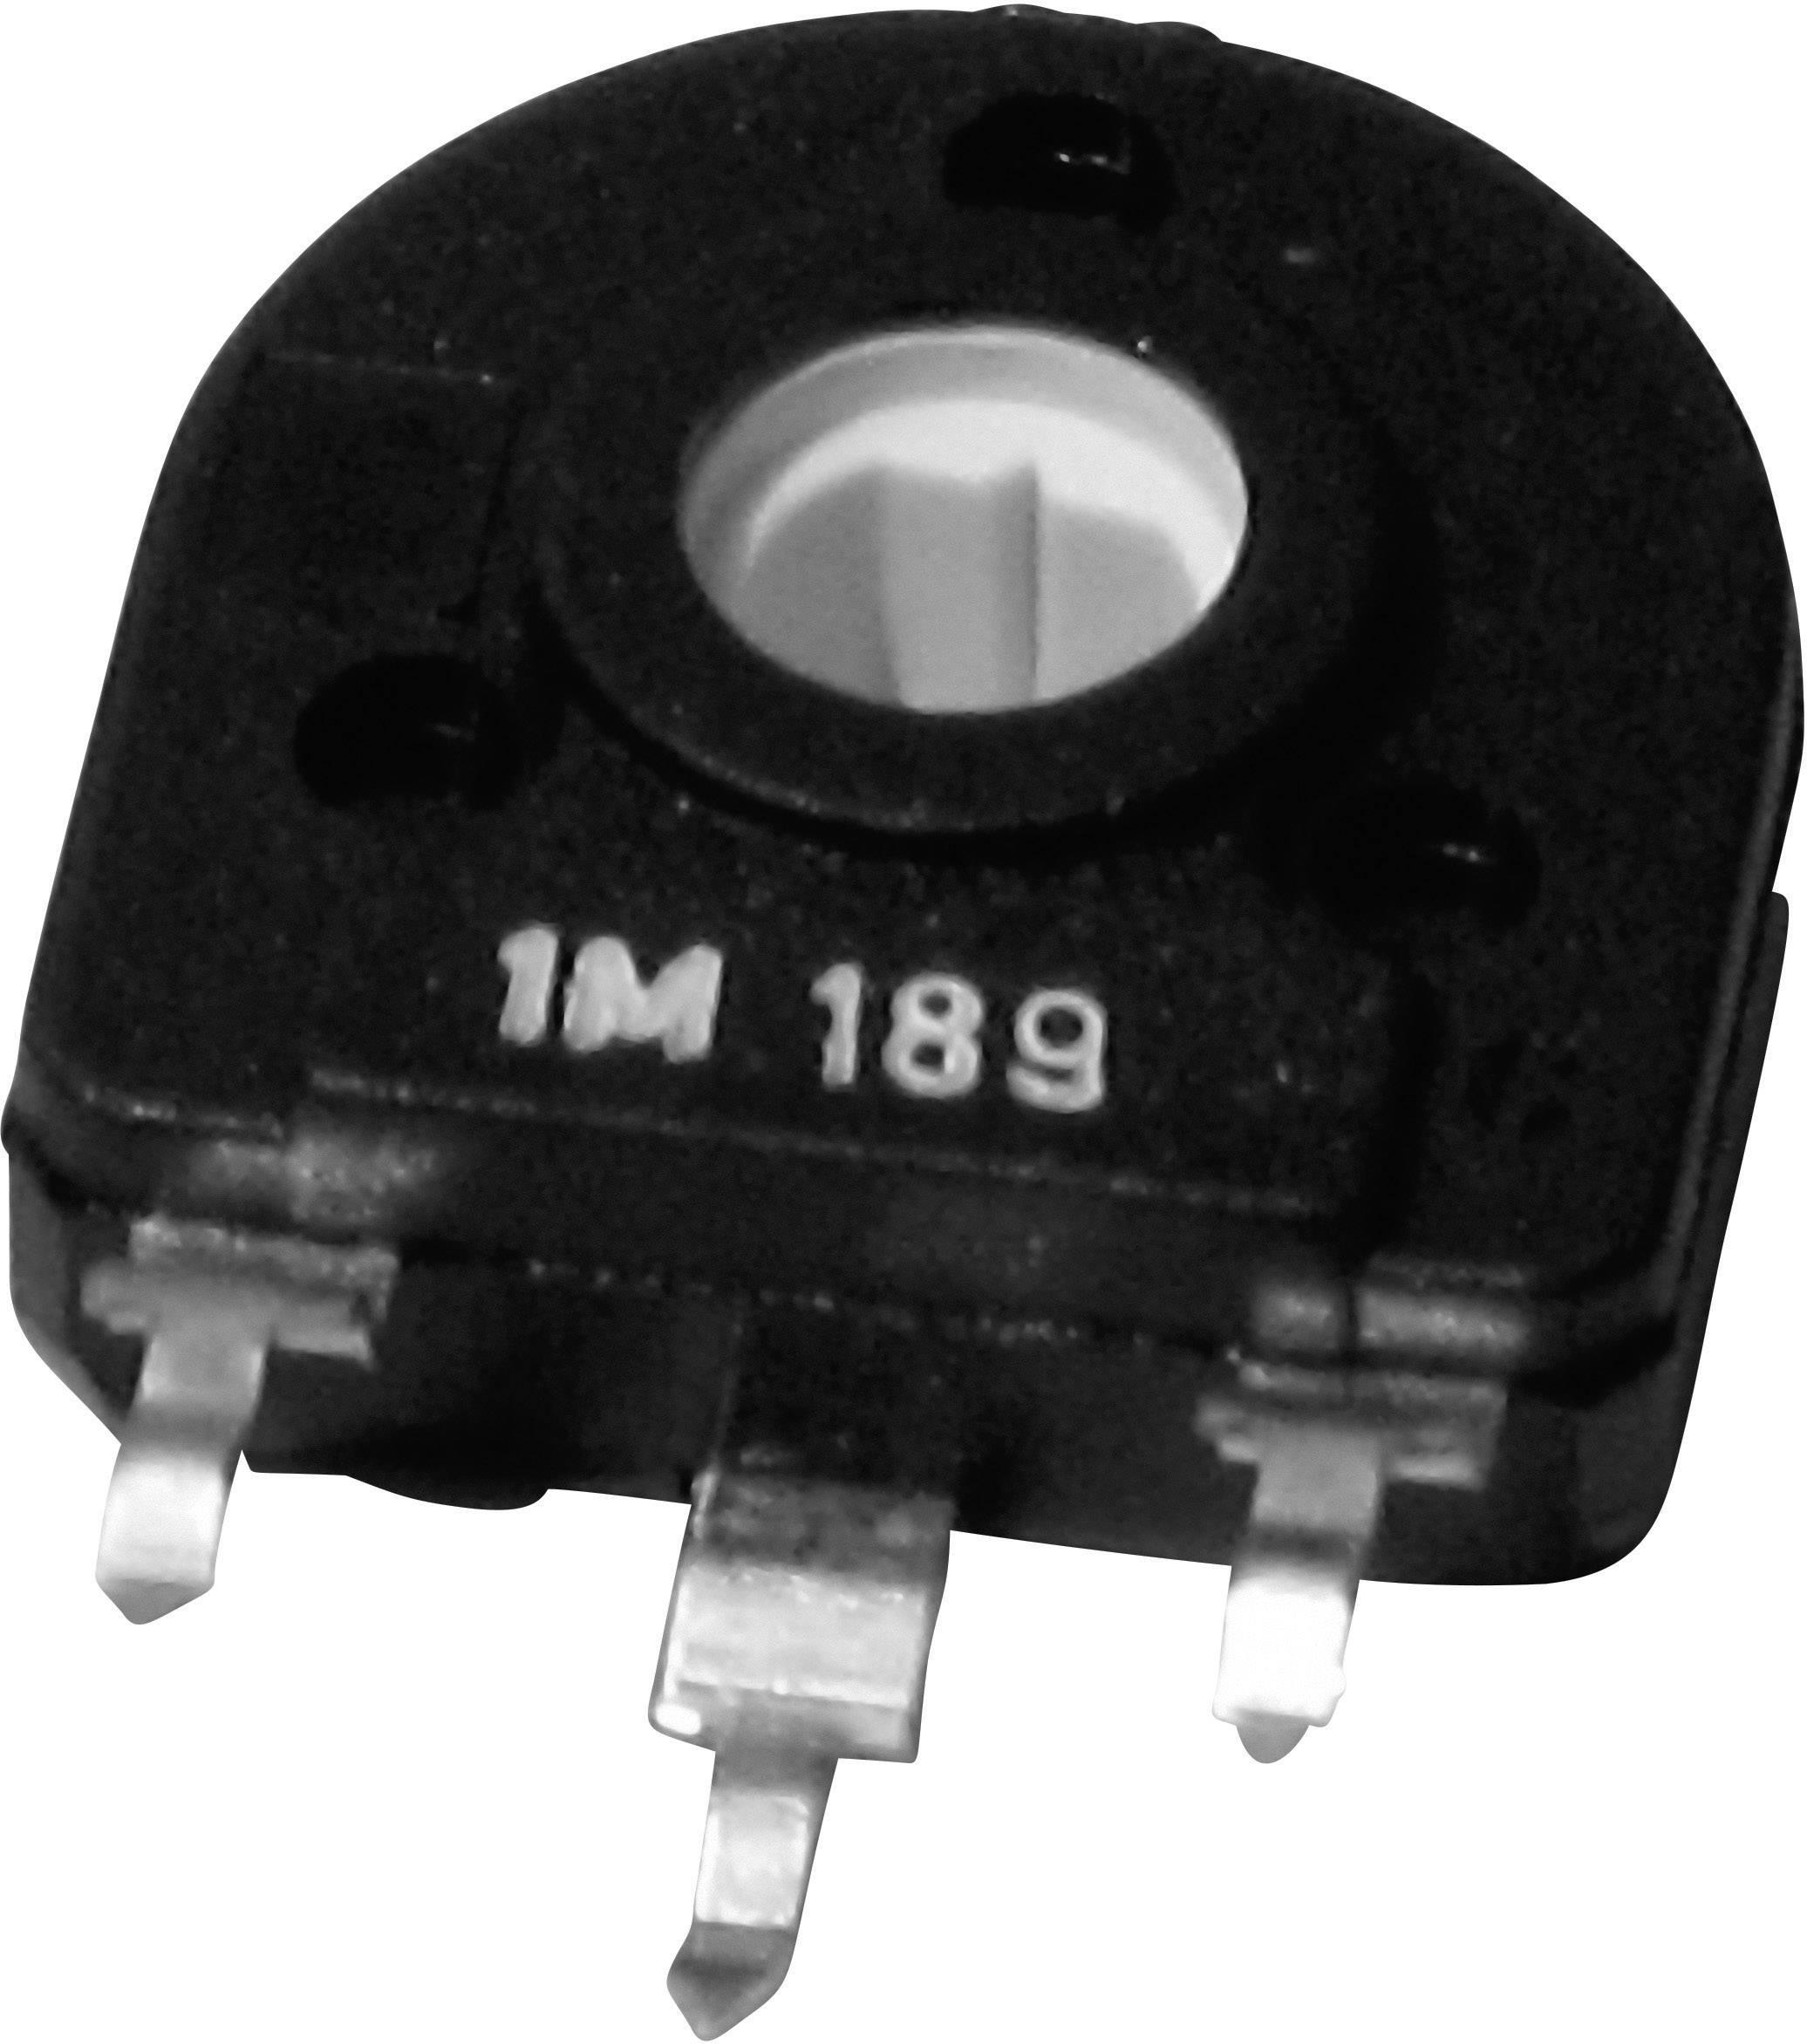 Uhlíkový trimer TT Electronics AB 1551025, lineárny, 5 kOhm, 0.25 W, 1 ks